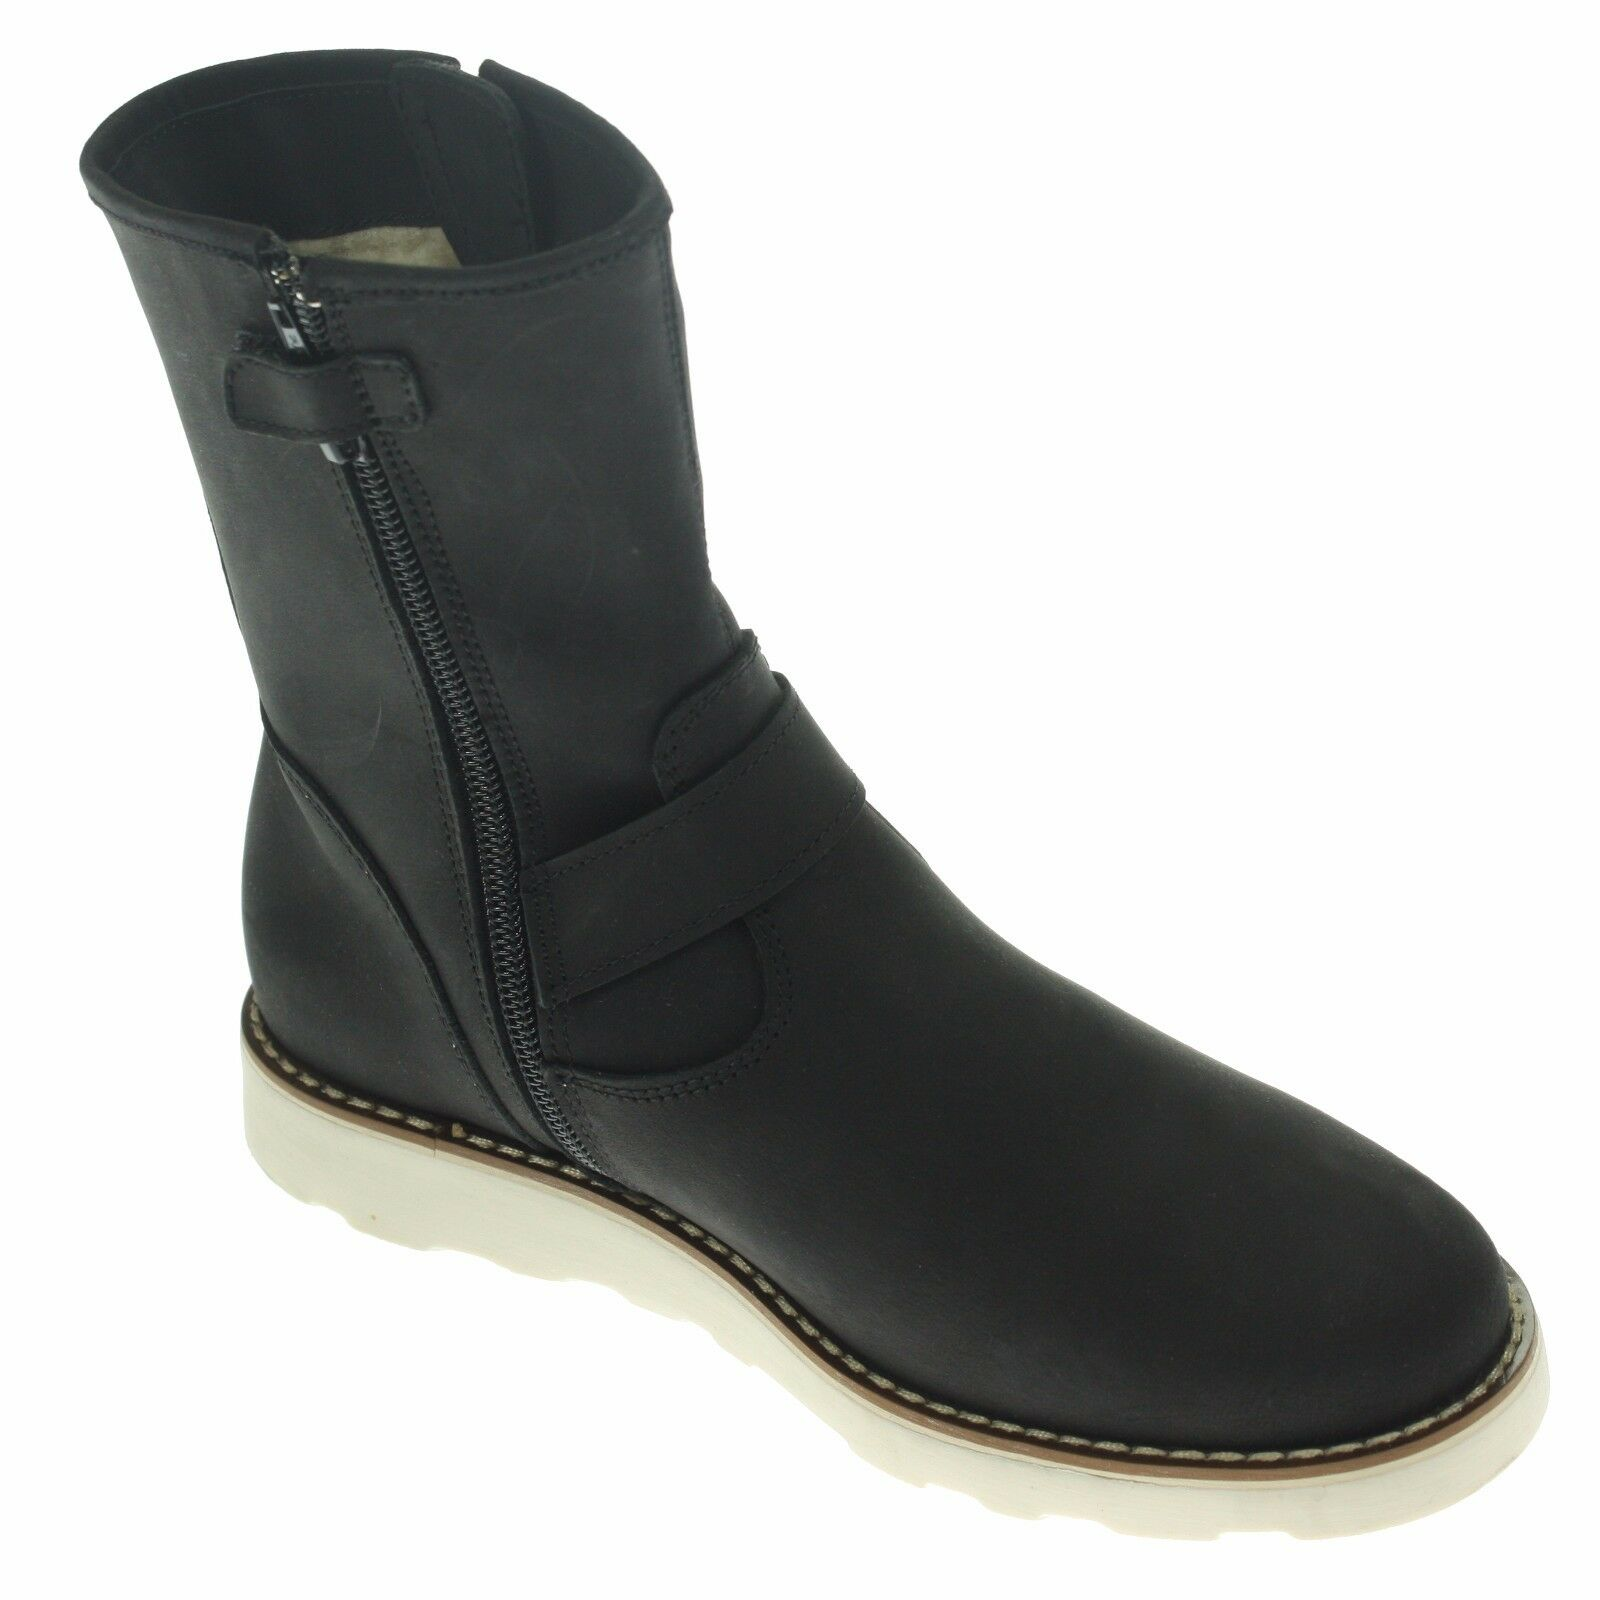 EB Damen Leder Stiefel, Größe 36, schwarz,  NEU